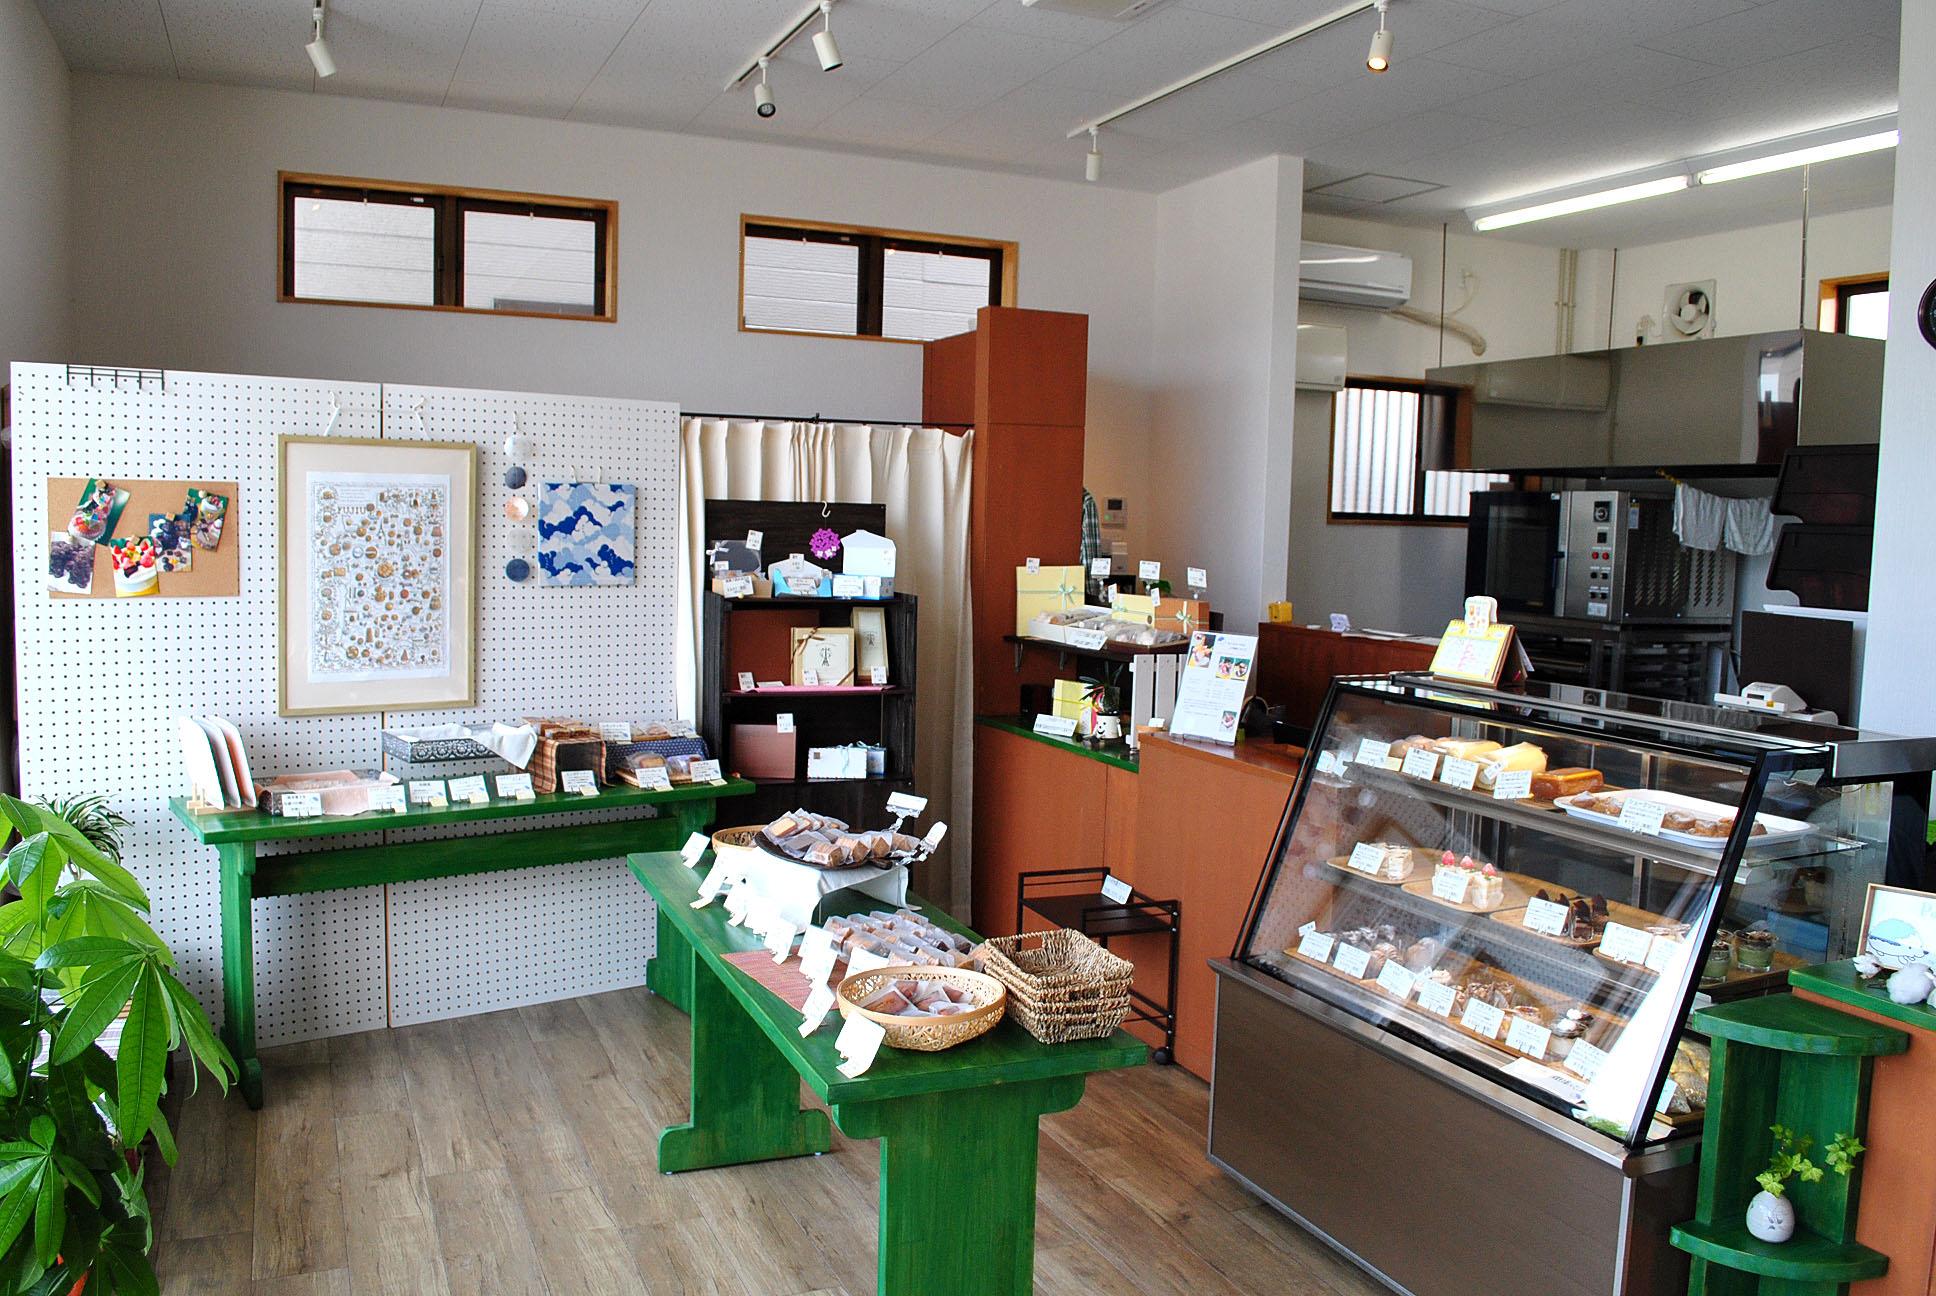 幸せを呼ぶ唐津市鏡の洋菓子店「Potlatch(ポトラッチ)」。